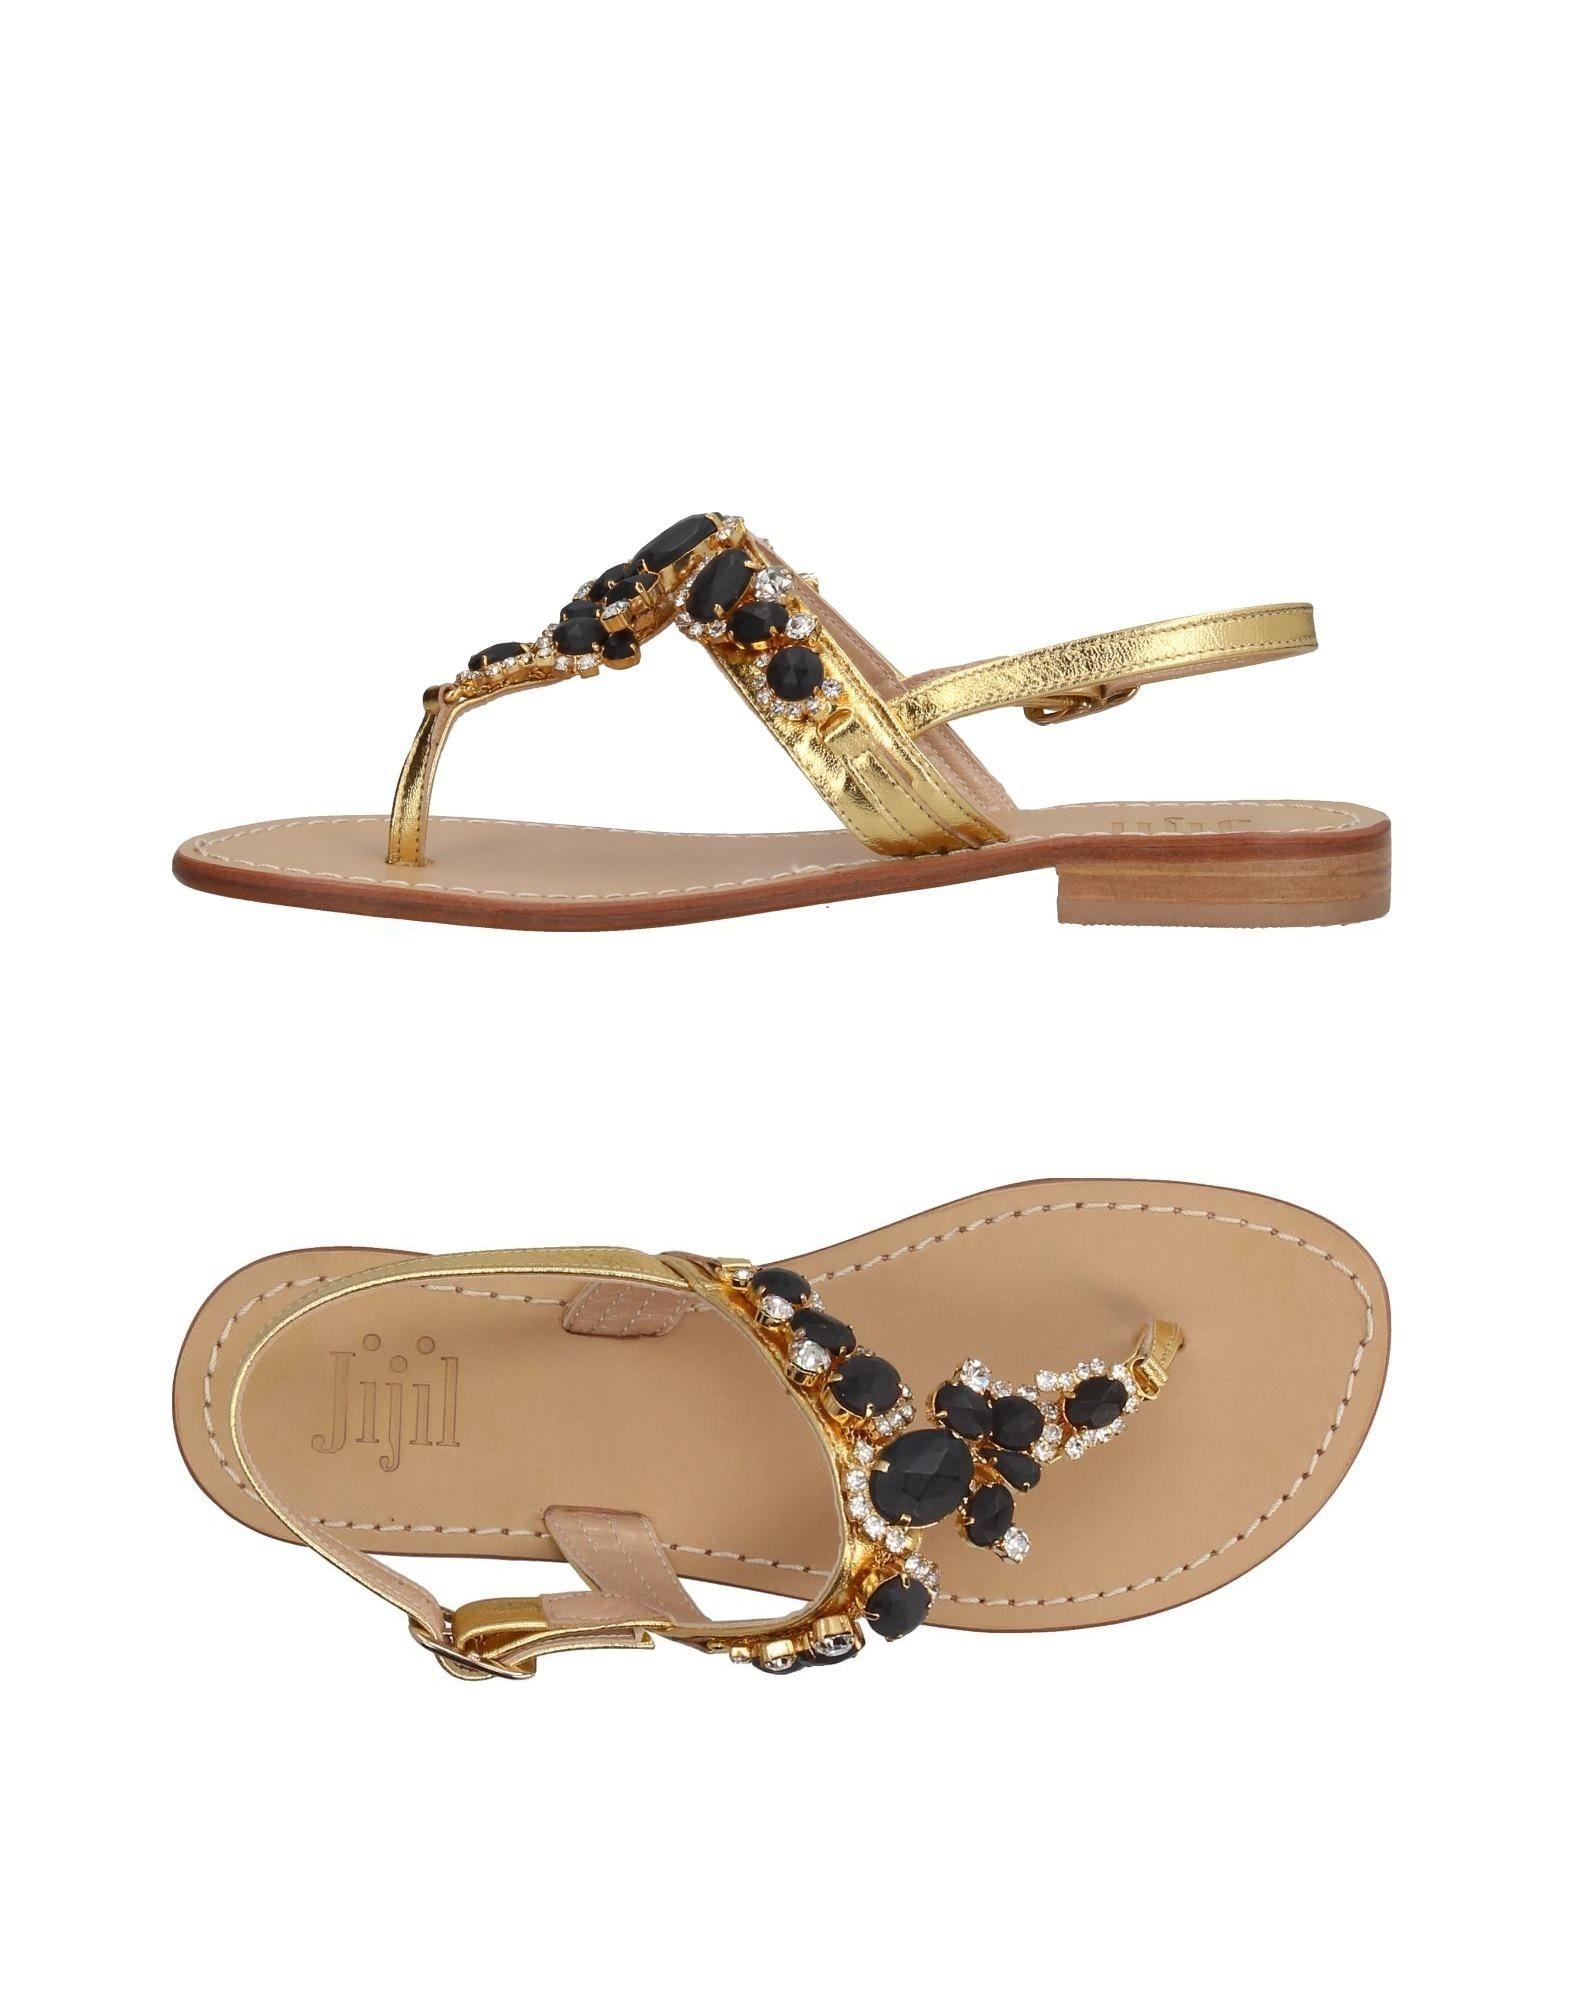 Jijil Dianetten Damen  11392604MA Gute Qualität beliebte Schuhe